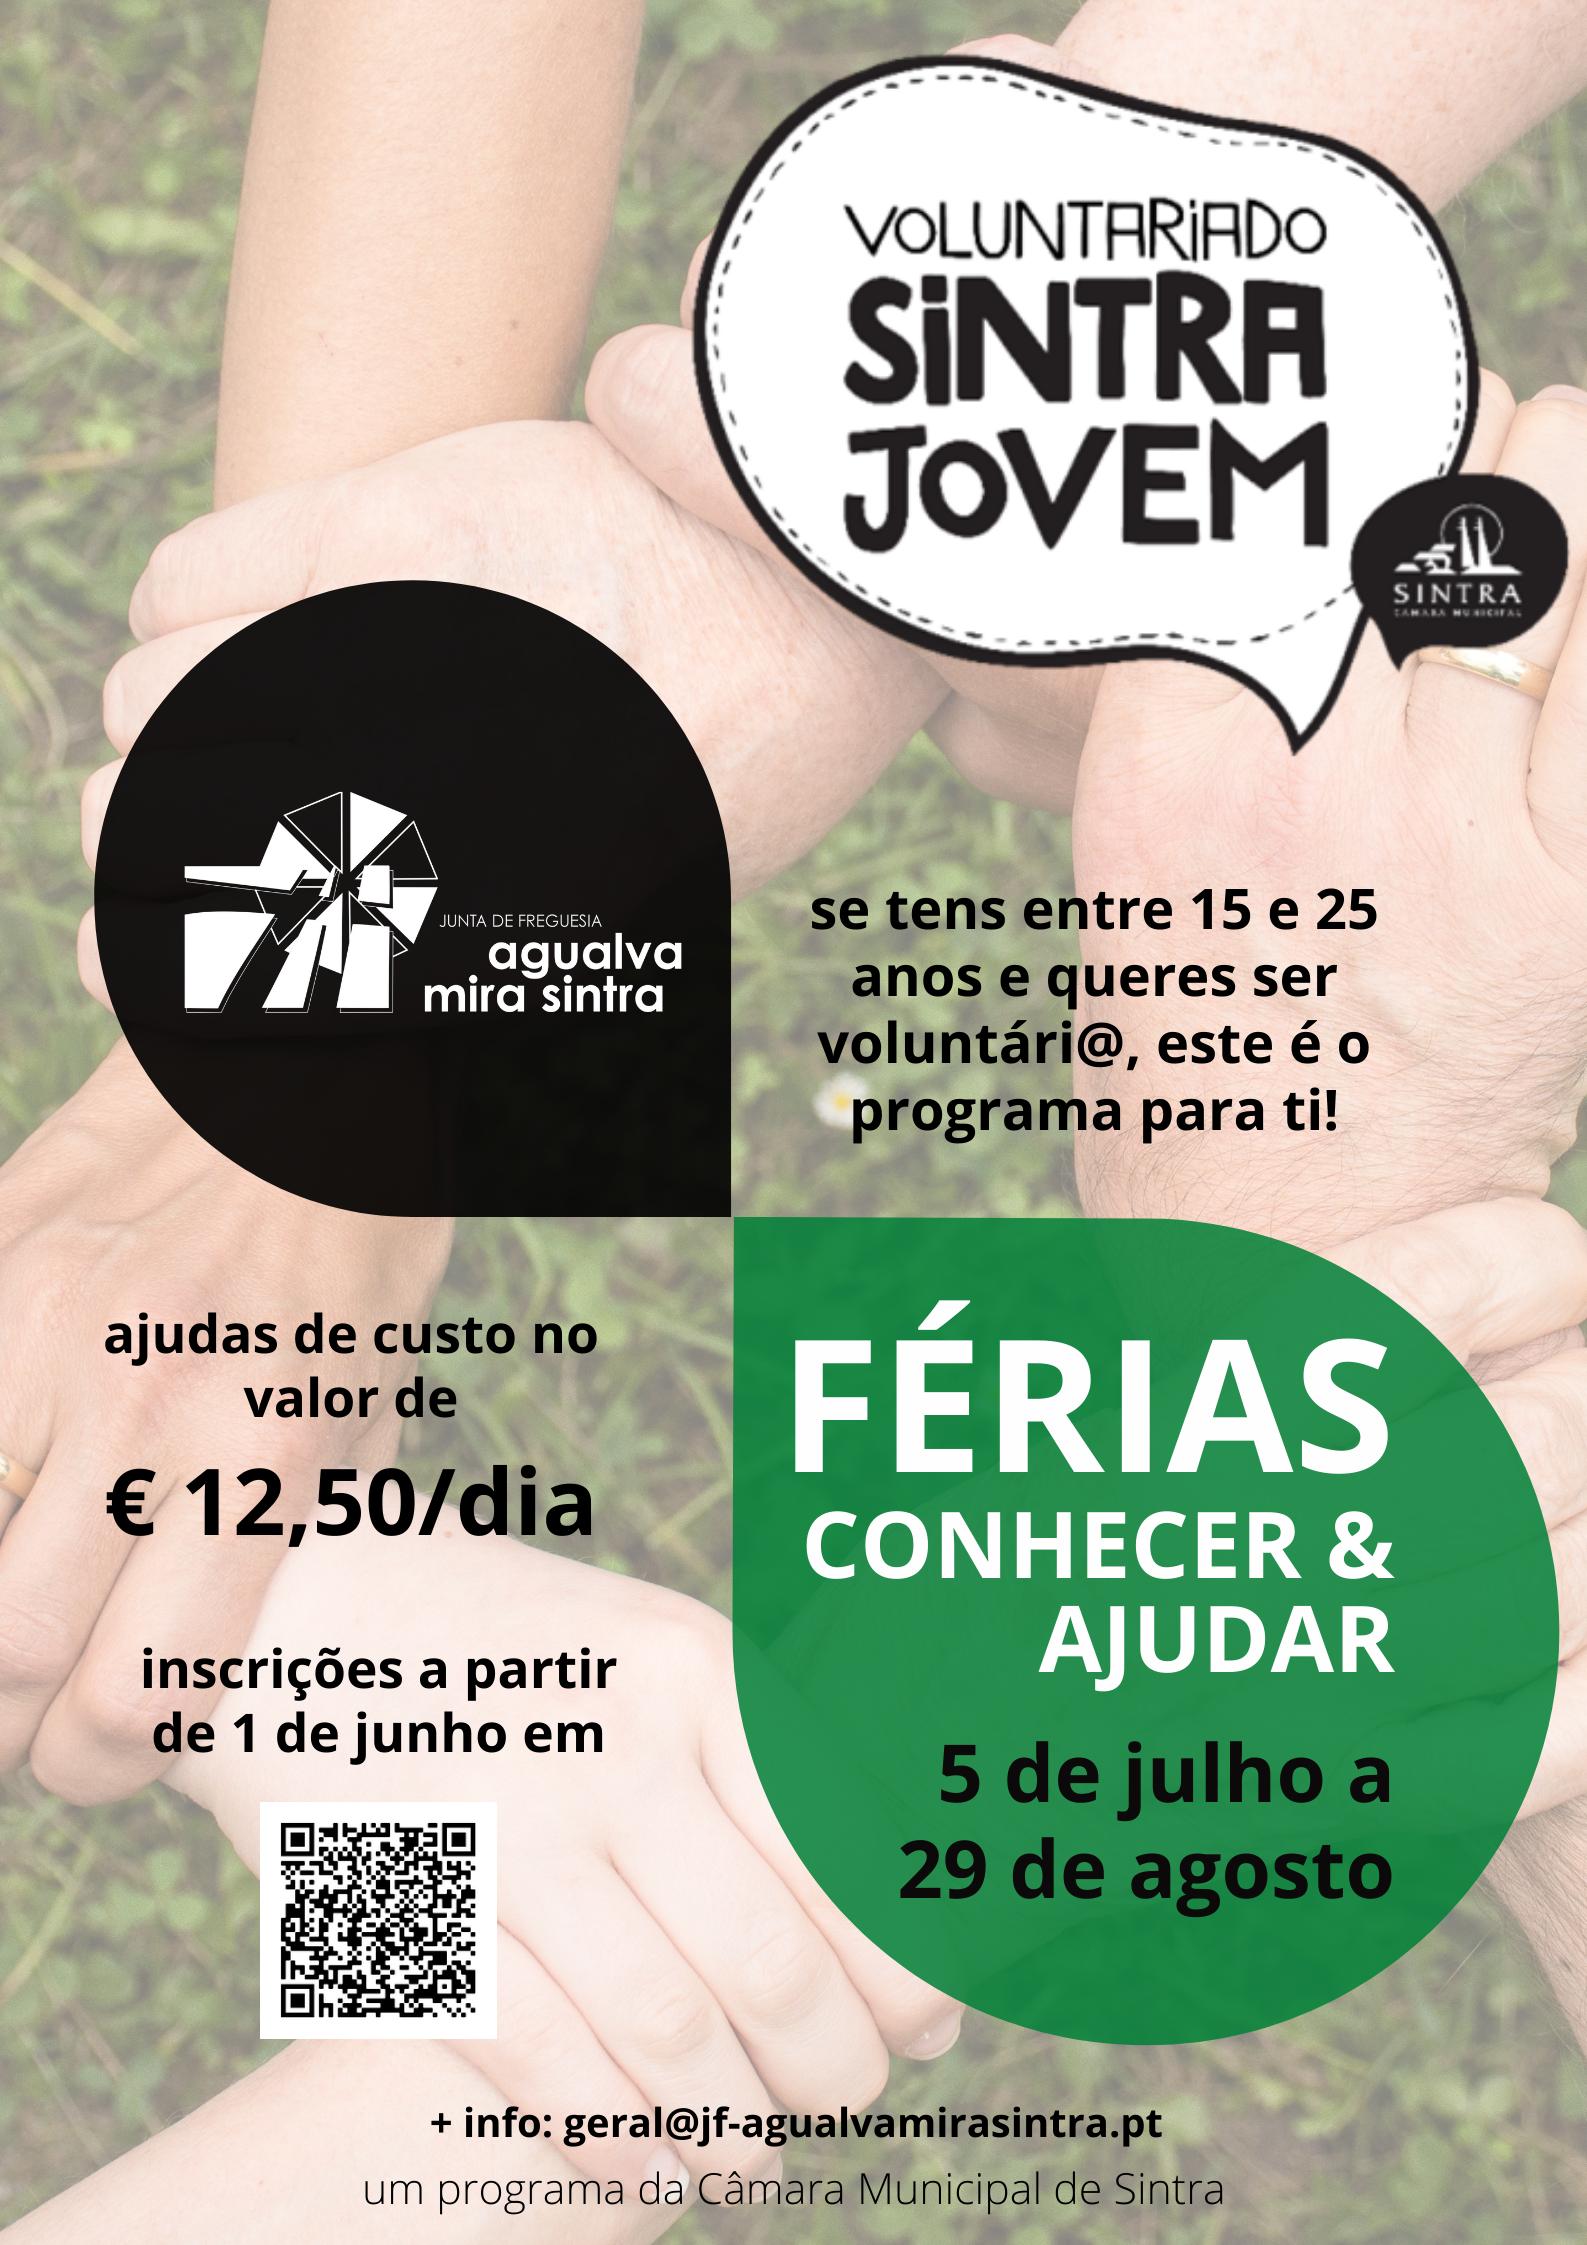 Férias Conhecer & Ajudar – Voluntariado Sintra Jovem Sintra